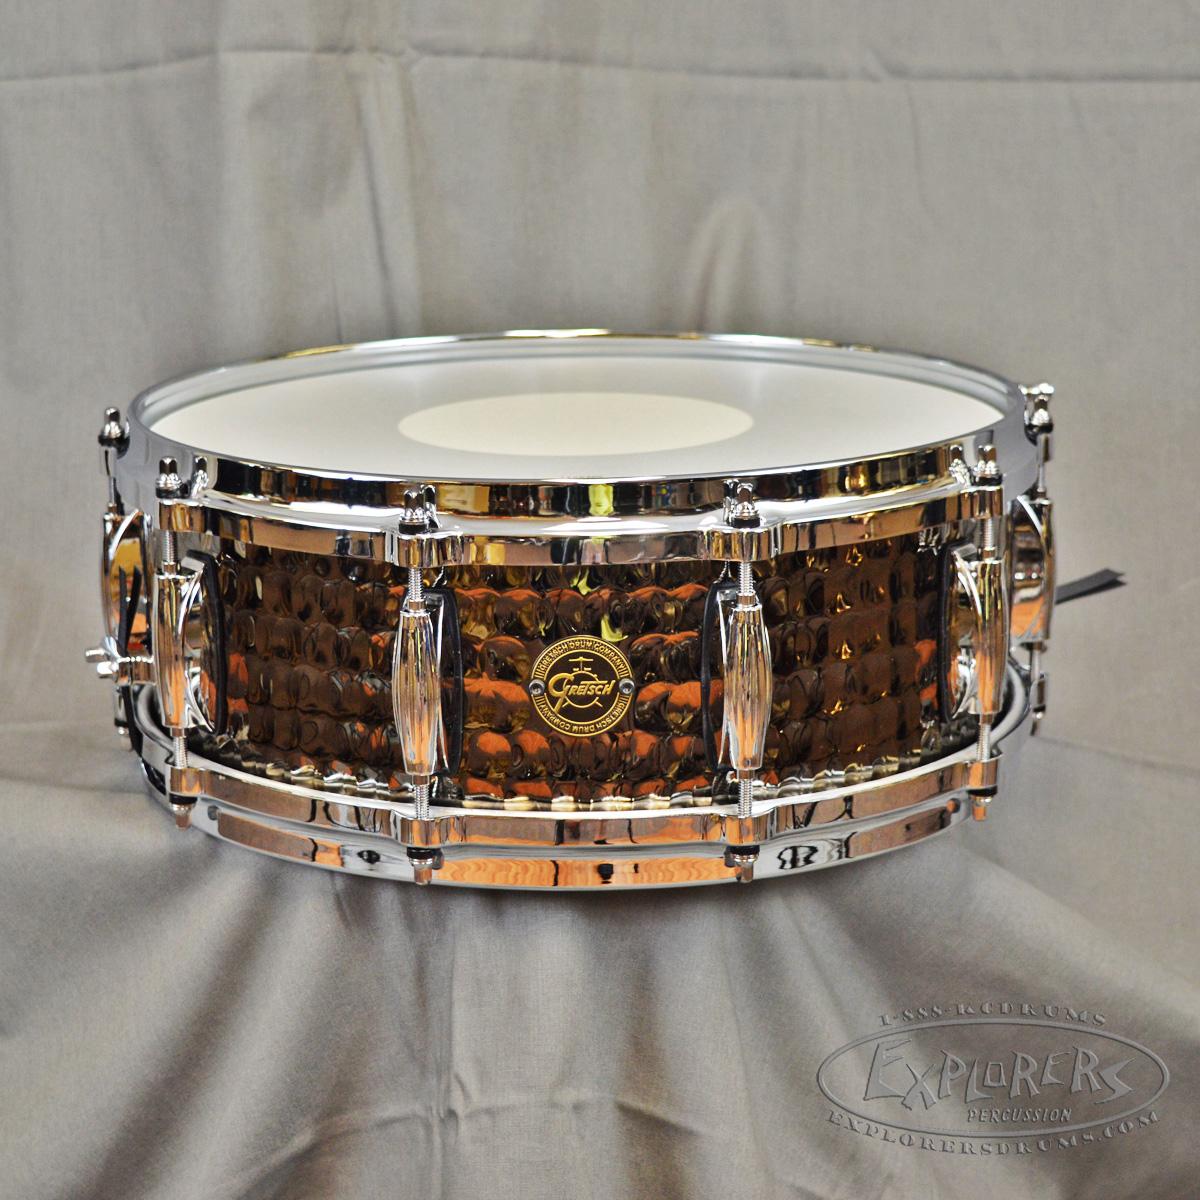 gretsch 5x14 hammered black steel snare drum. Black Bedroom Furniture Sets. Home Design Ideas